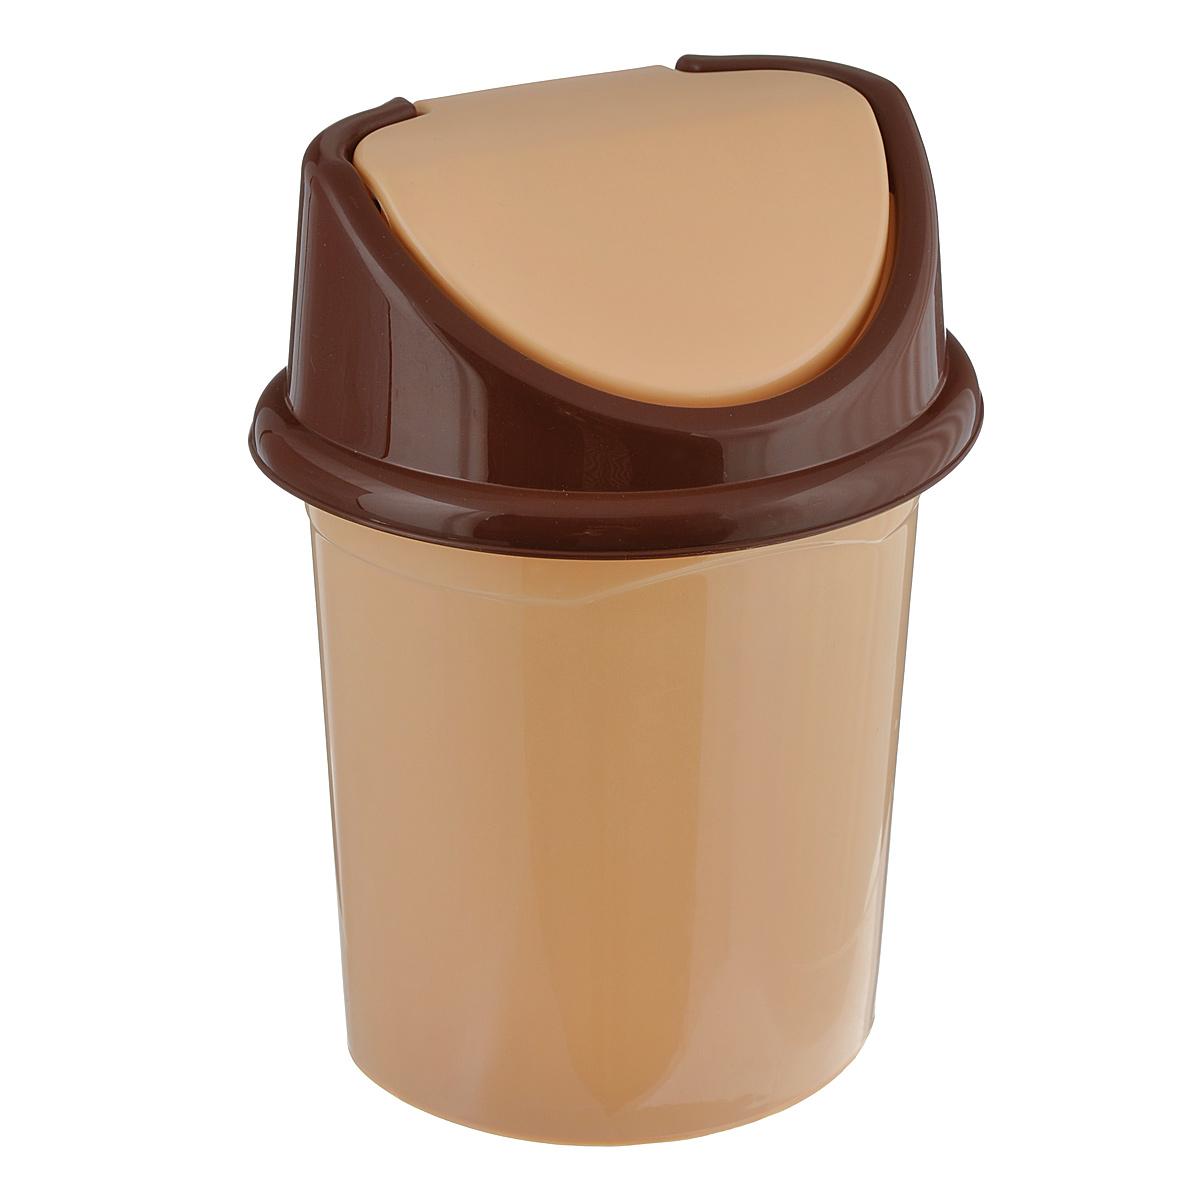 Контейнер для мусора Violet, цвет: бежевый, коричневый, 8 л68/5/2Контейнер для мусора Violet изготовлен из прочного пластика. Контейнер снабжен удобной съемной крышкой с подвижной перегородкой. В нем удобно хранить мелкий мусор. Благодаря лаконичному дизайну такой контейнер идеально впишется в интерьер и дома, и офиса.